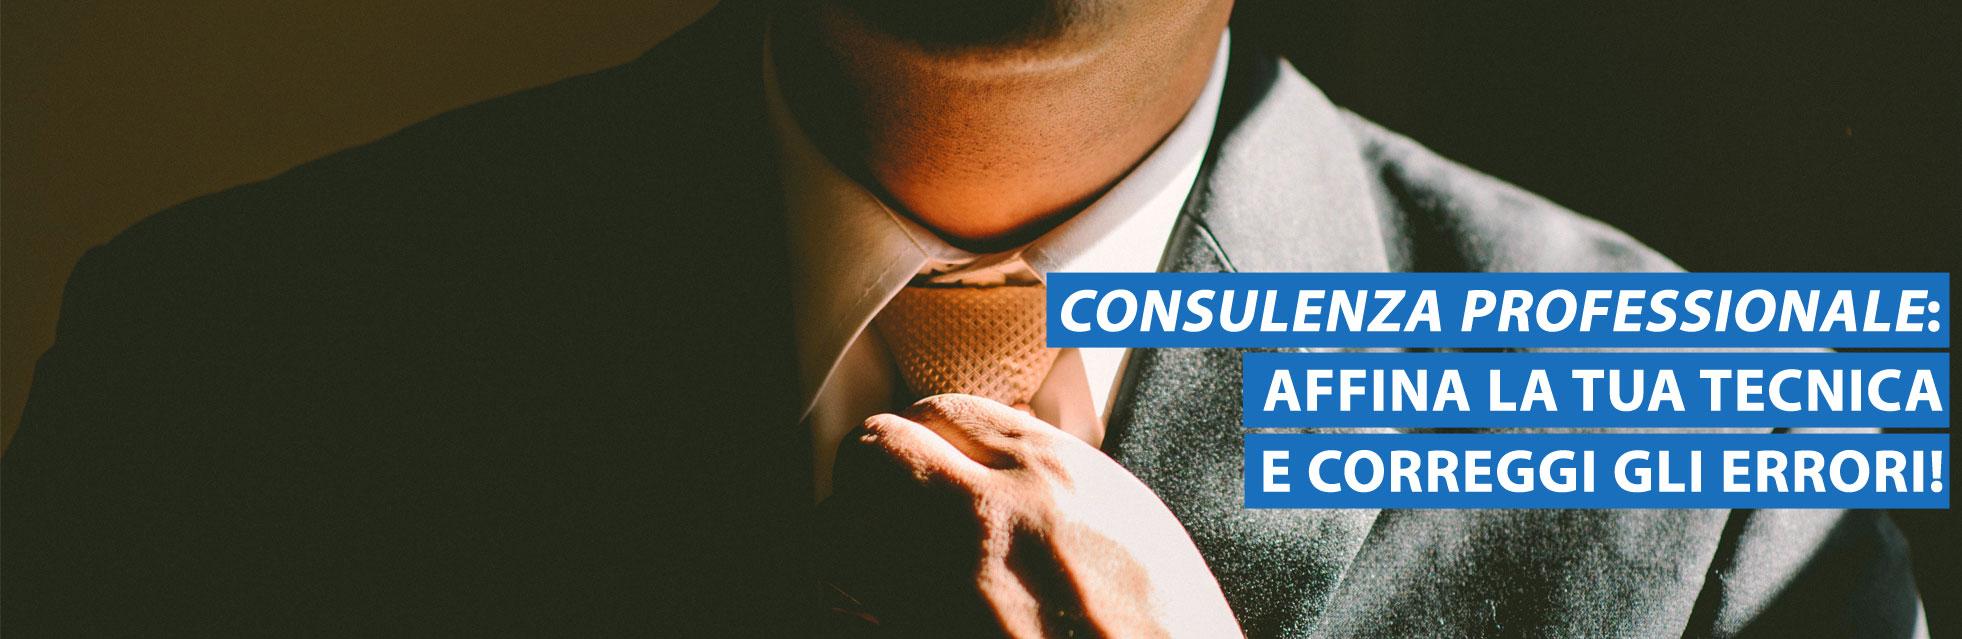 Consulenza-professionale-scrittura-e-marketing-